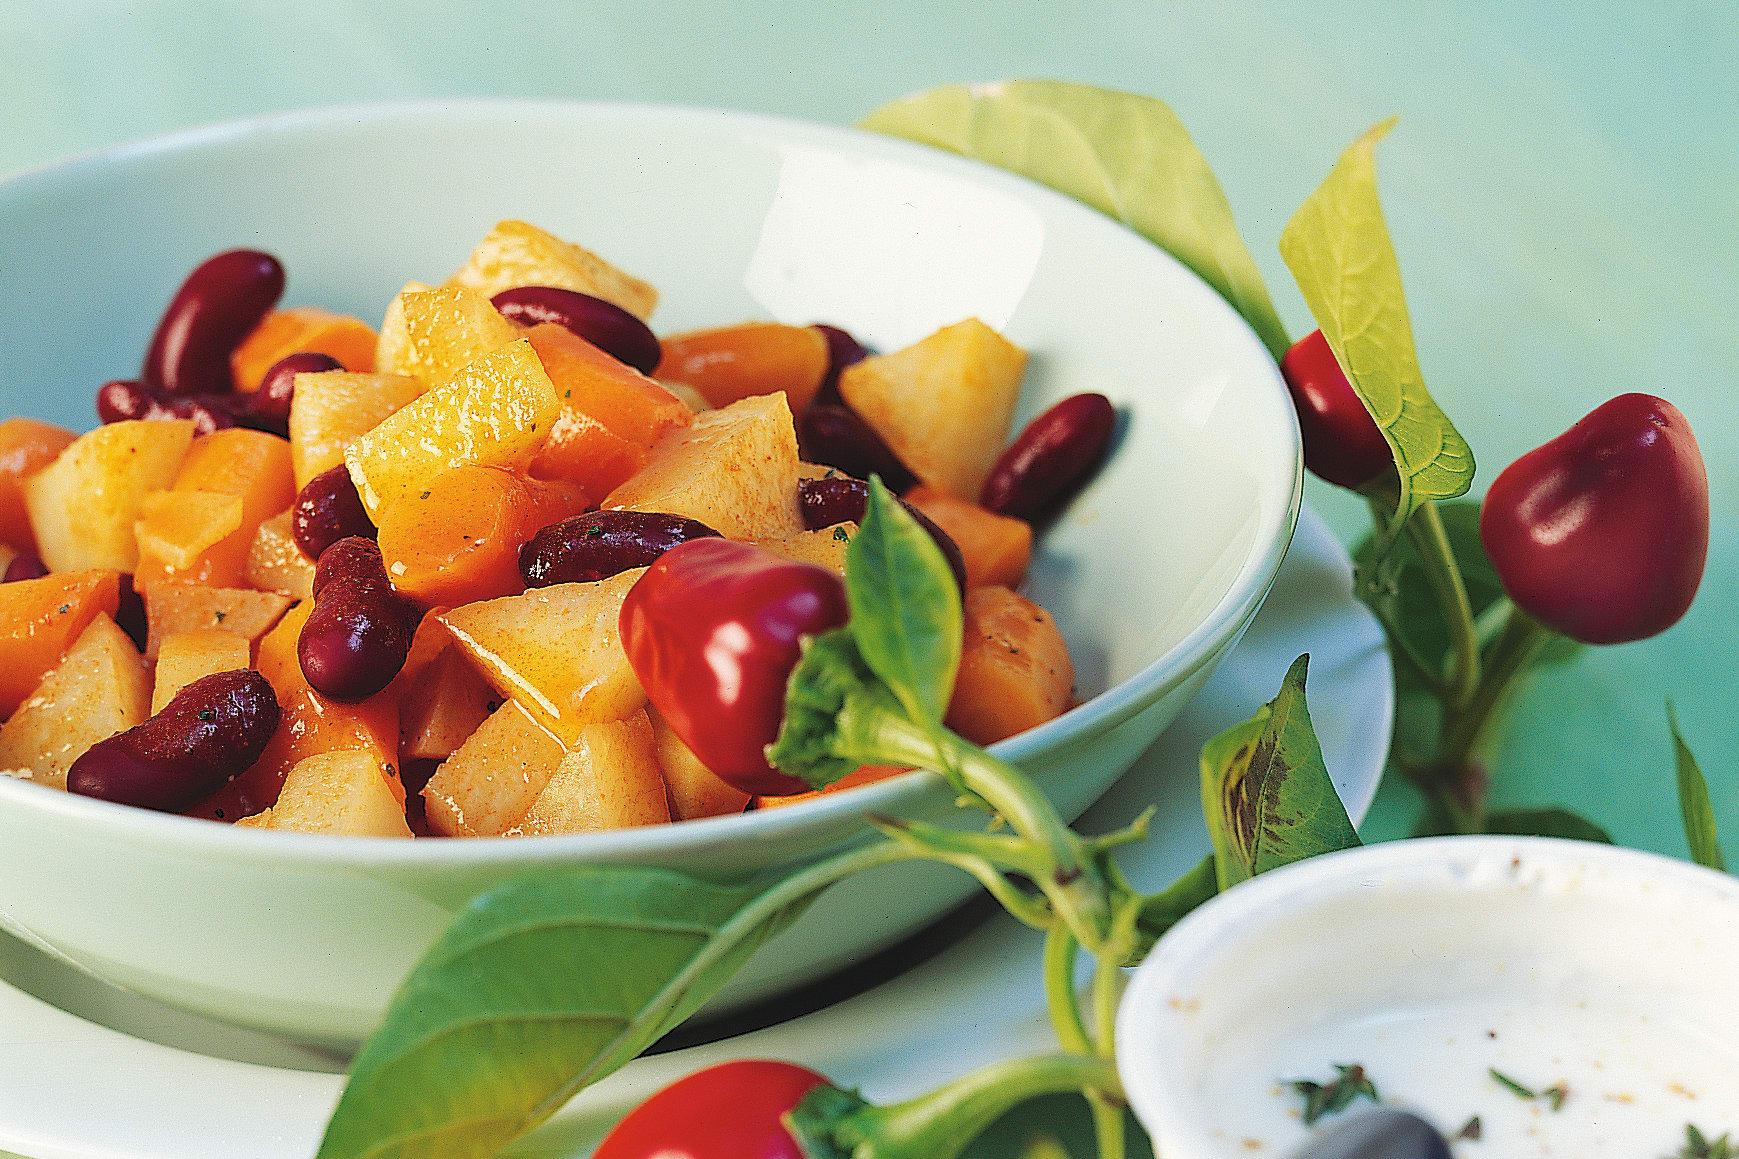 Gemüse-Bohnen-Chili mit Fladenbrot und Joghurtsauce